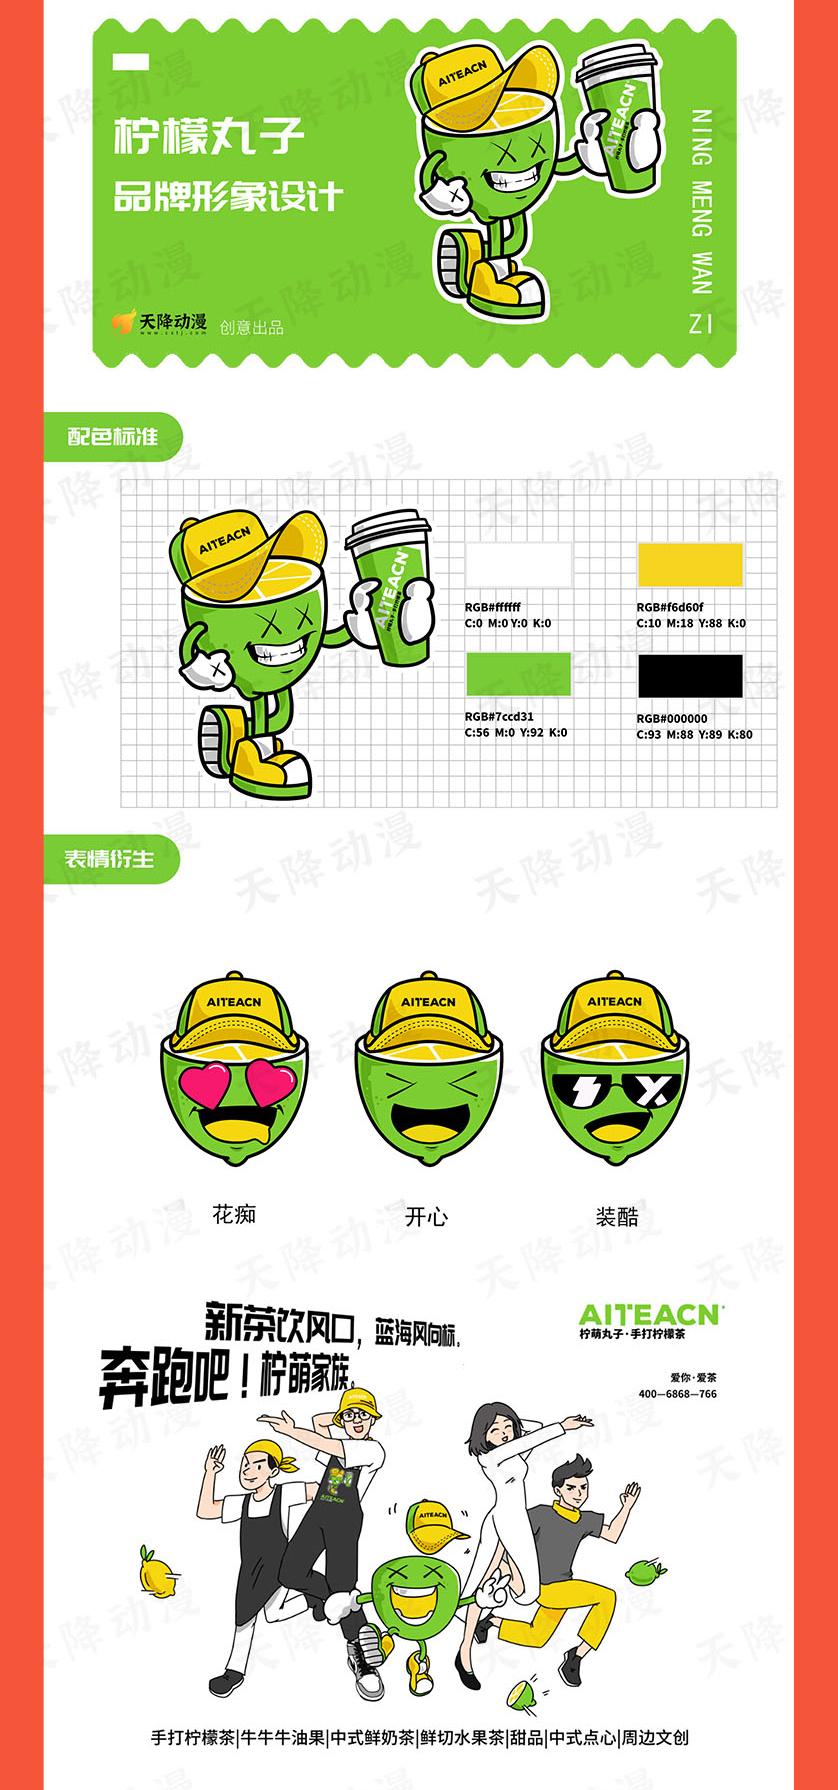 _卡通形象 卡通logo设计 企业吉祥物 微信动态表情漫画设计9